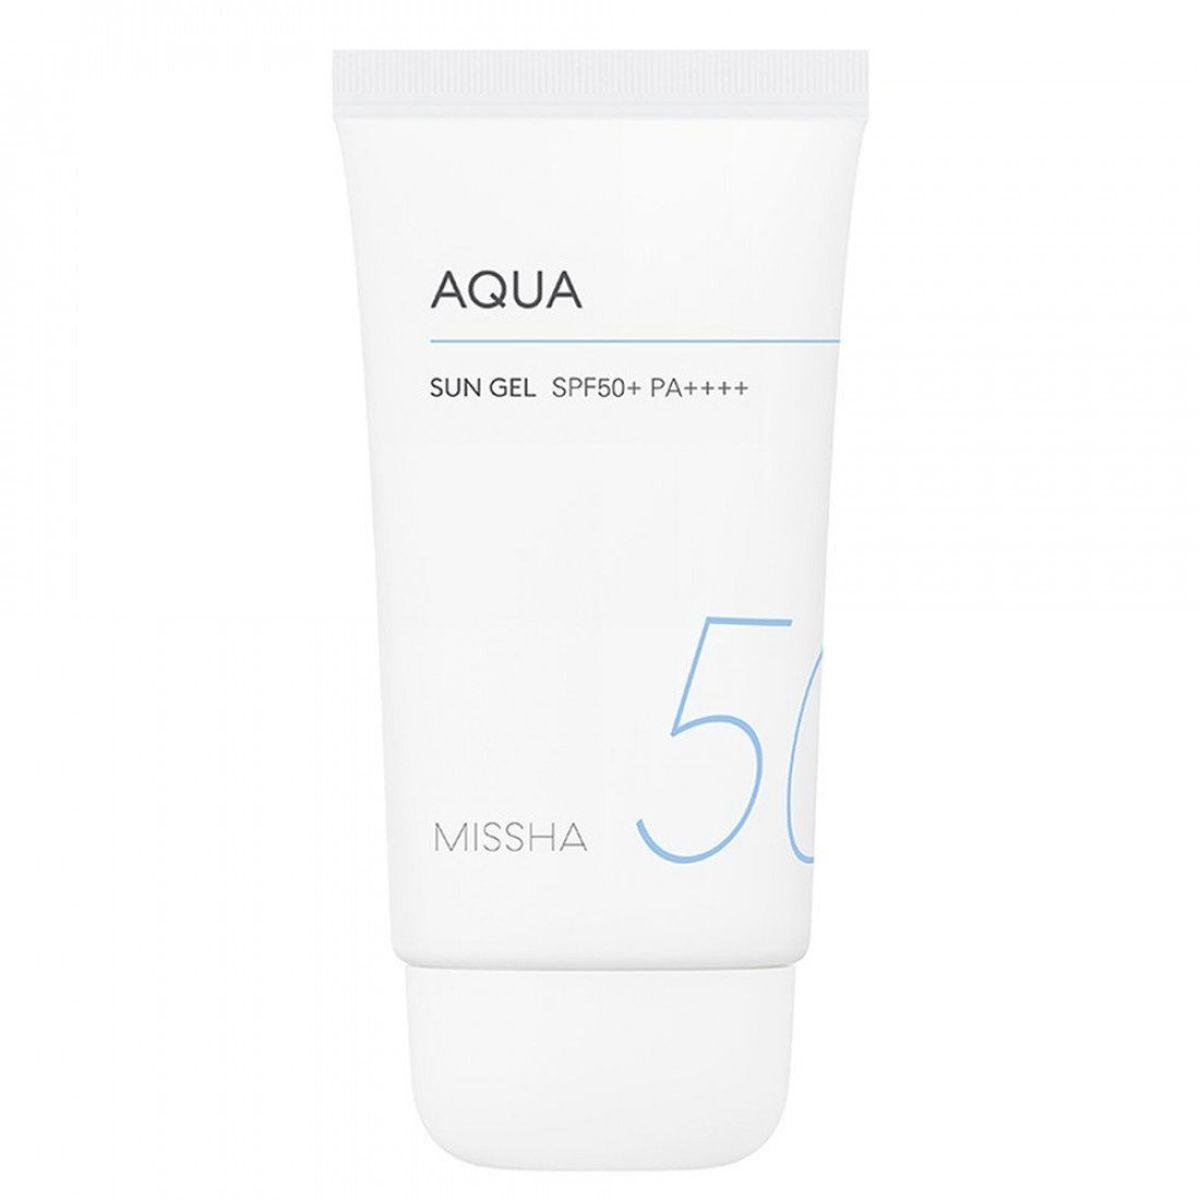 Солнцезащитный гель MISSHA All Around Safe Block Aqua Sun Gel SPF50+/PA+++ - 50 мл